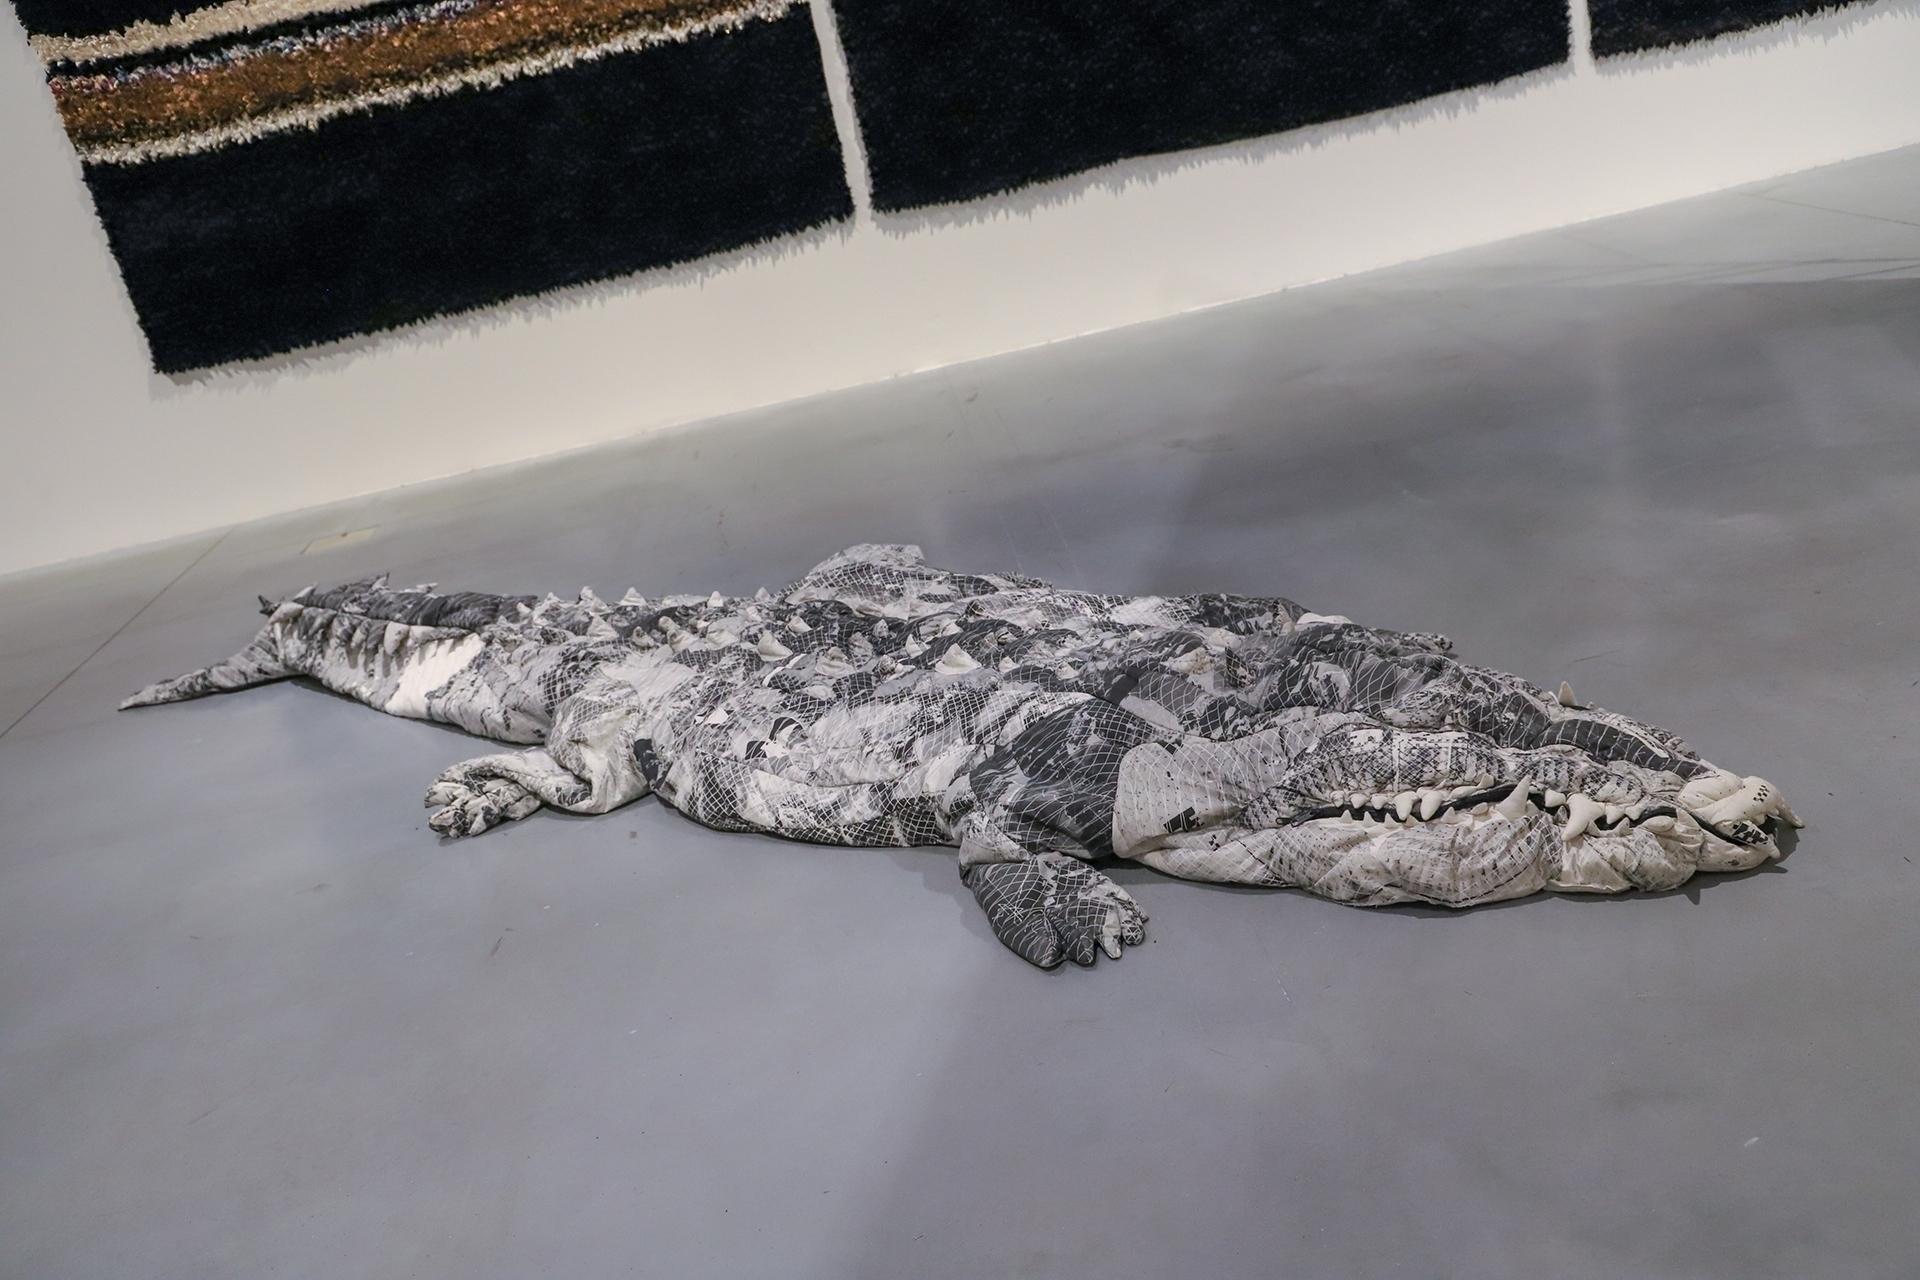 Zdjęcie przedstawia figurę szarego krokodyla leżącą na podłodze.